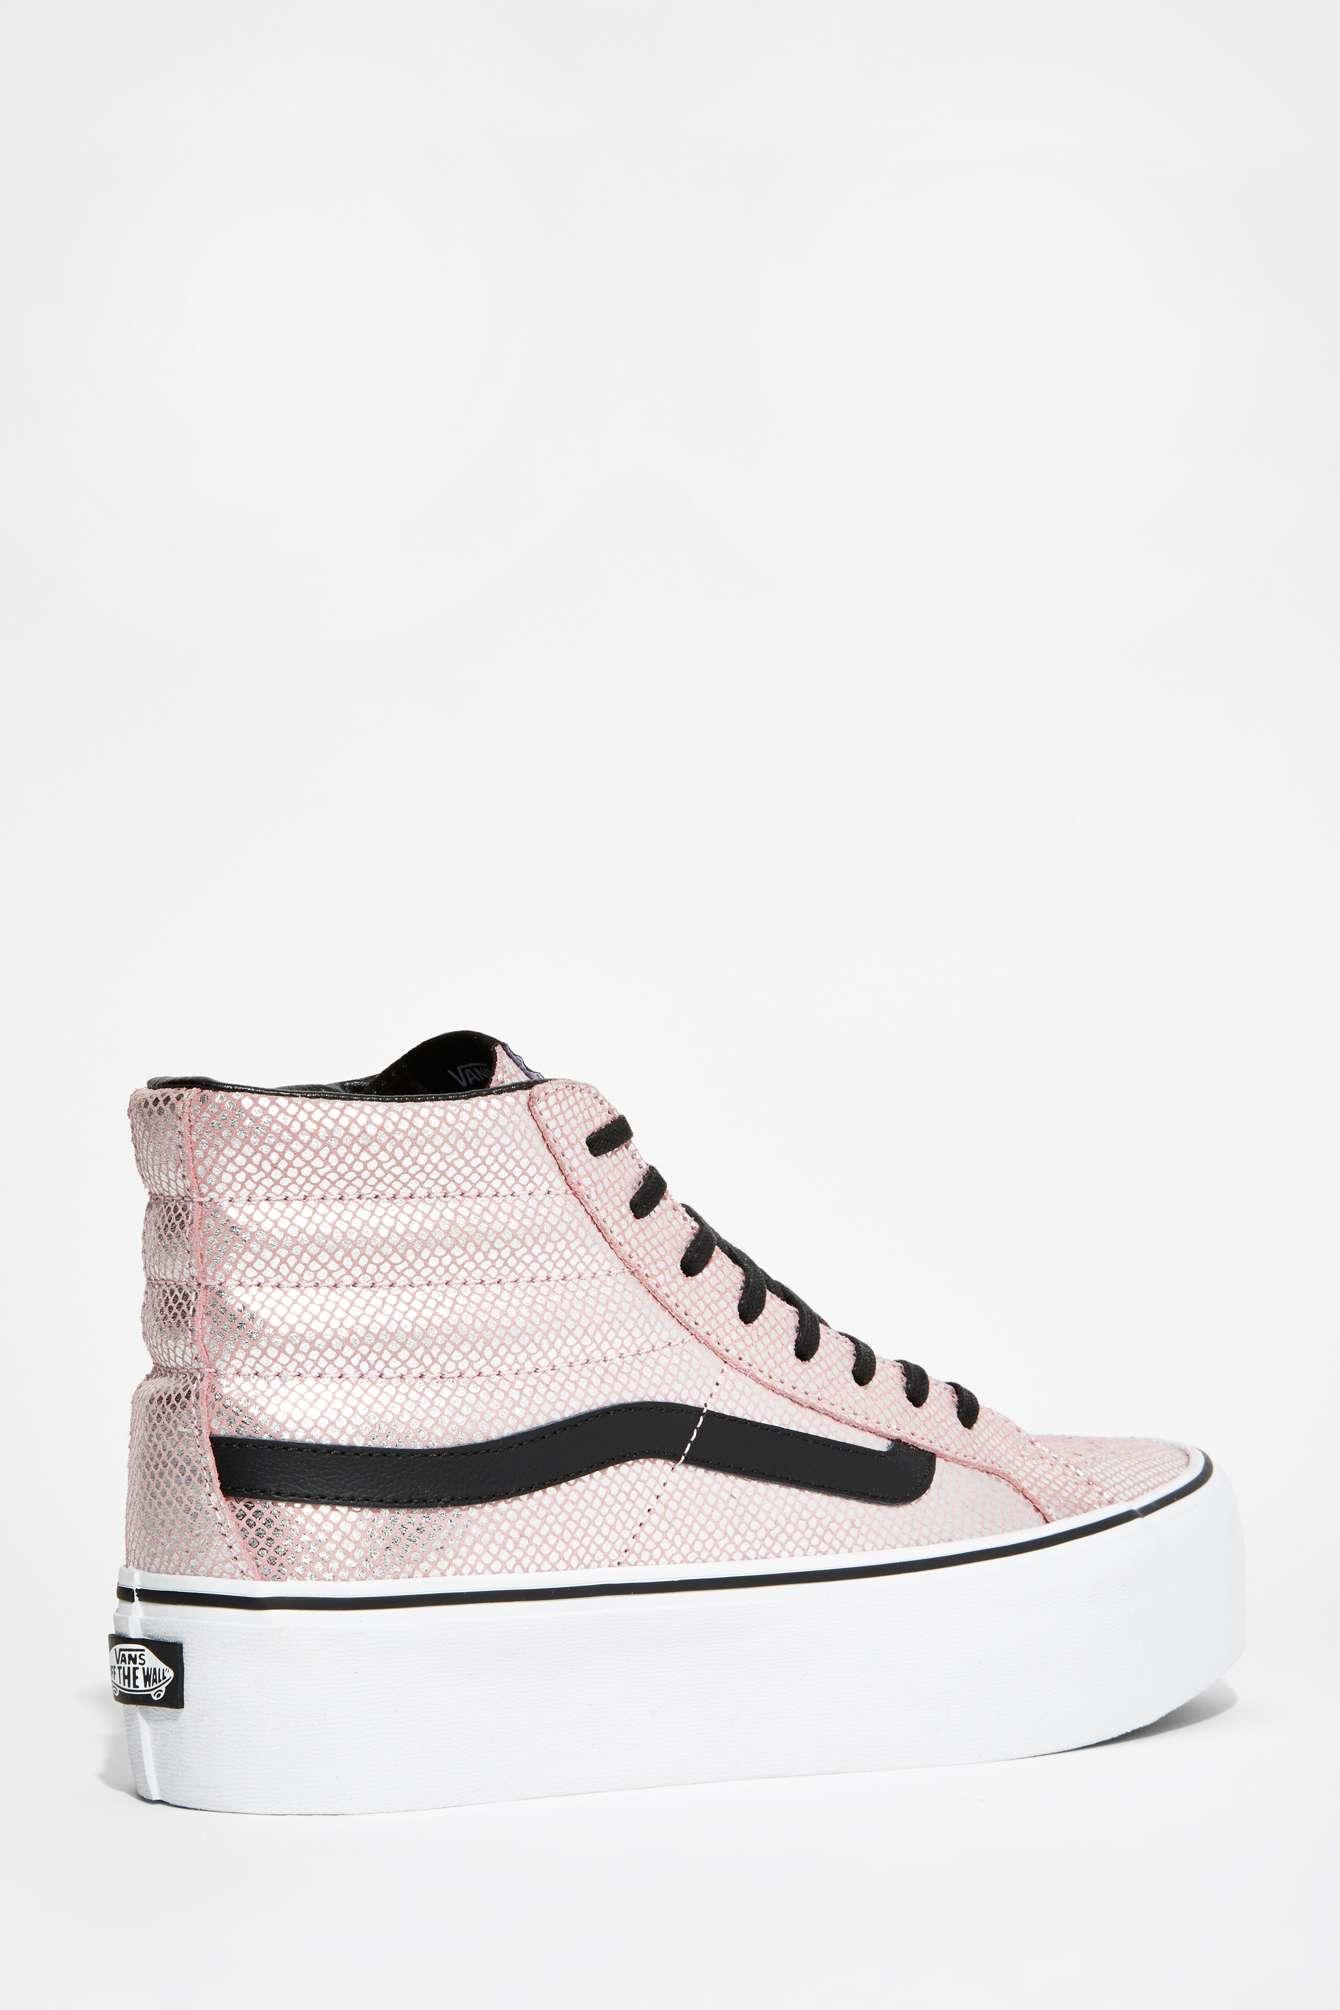 Lyst - Vans Vans Metallic Snake Sk8 Hi Platform Sneaker in Pink cdec48fd5